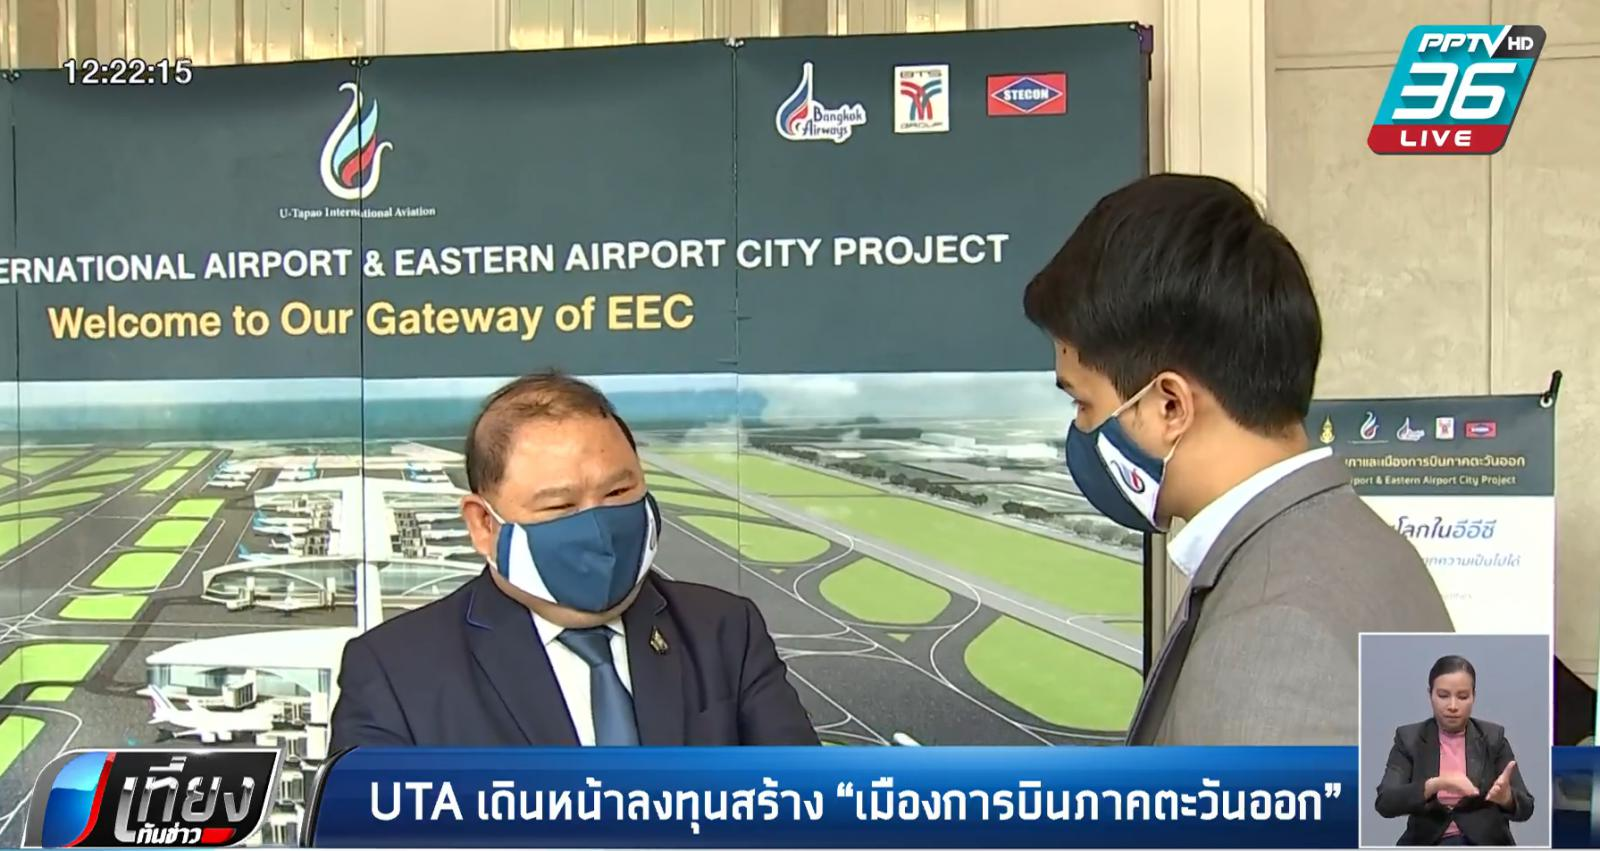 """UTA เดินหน้าลงทุนสร้าง """"เมืองการบินภาคตะวันออก"""""""